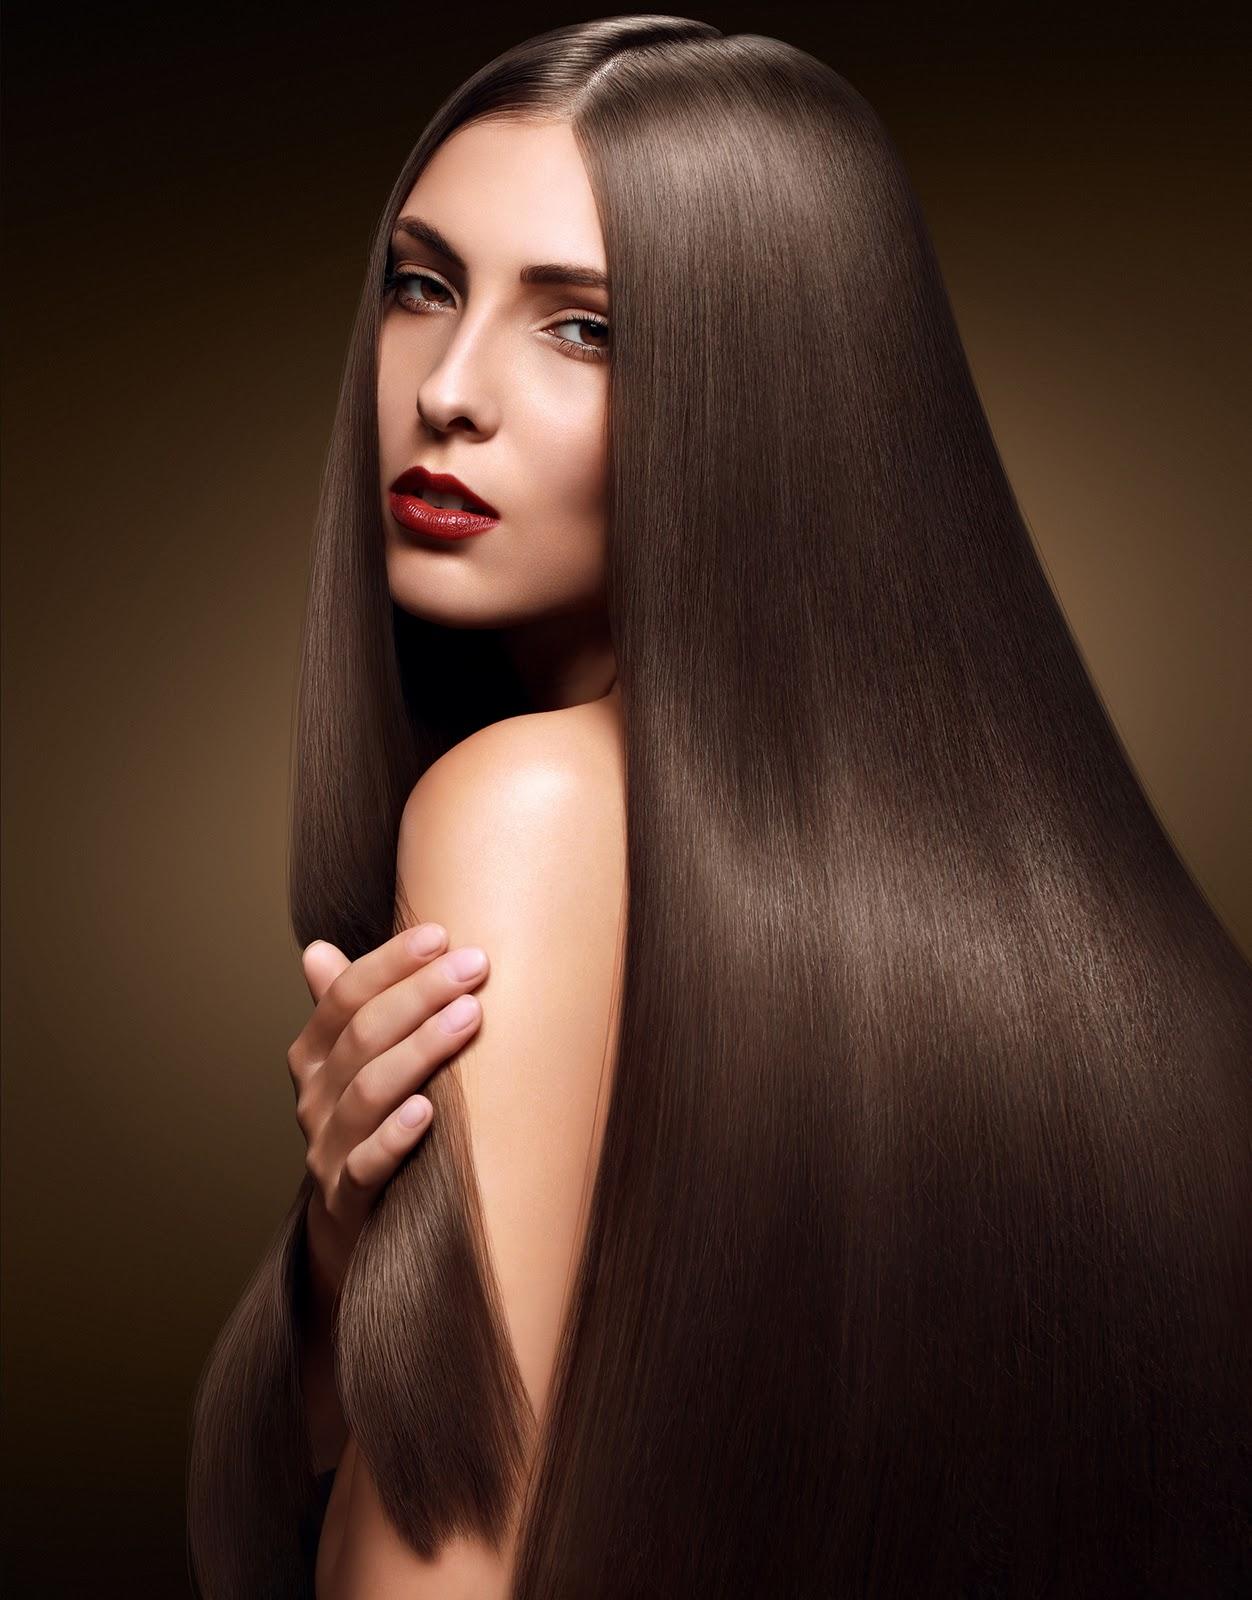 Menebak Kepribadian dari Model Rambut - Ambang Inside